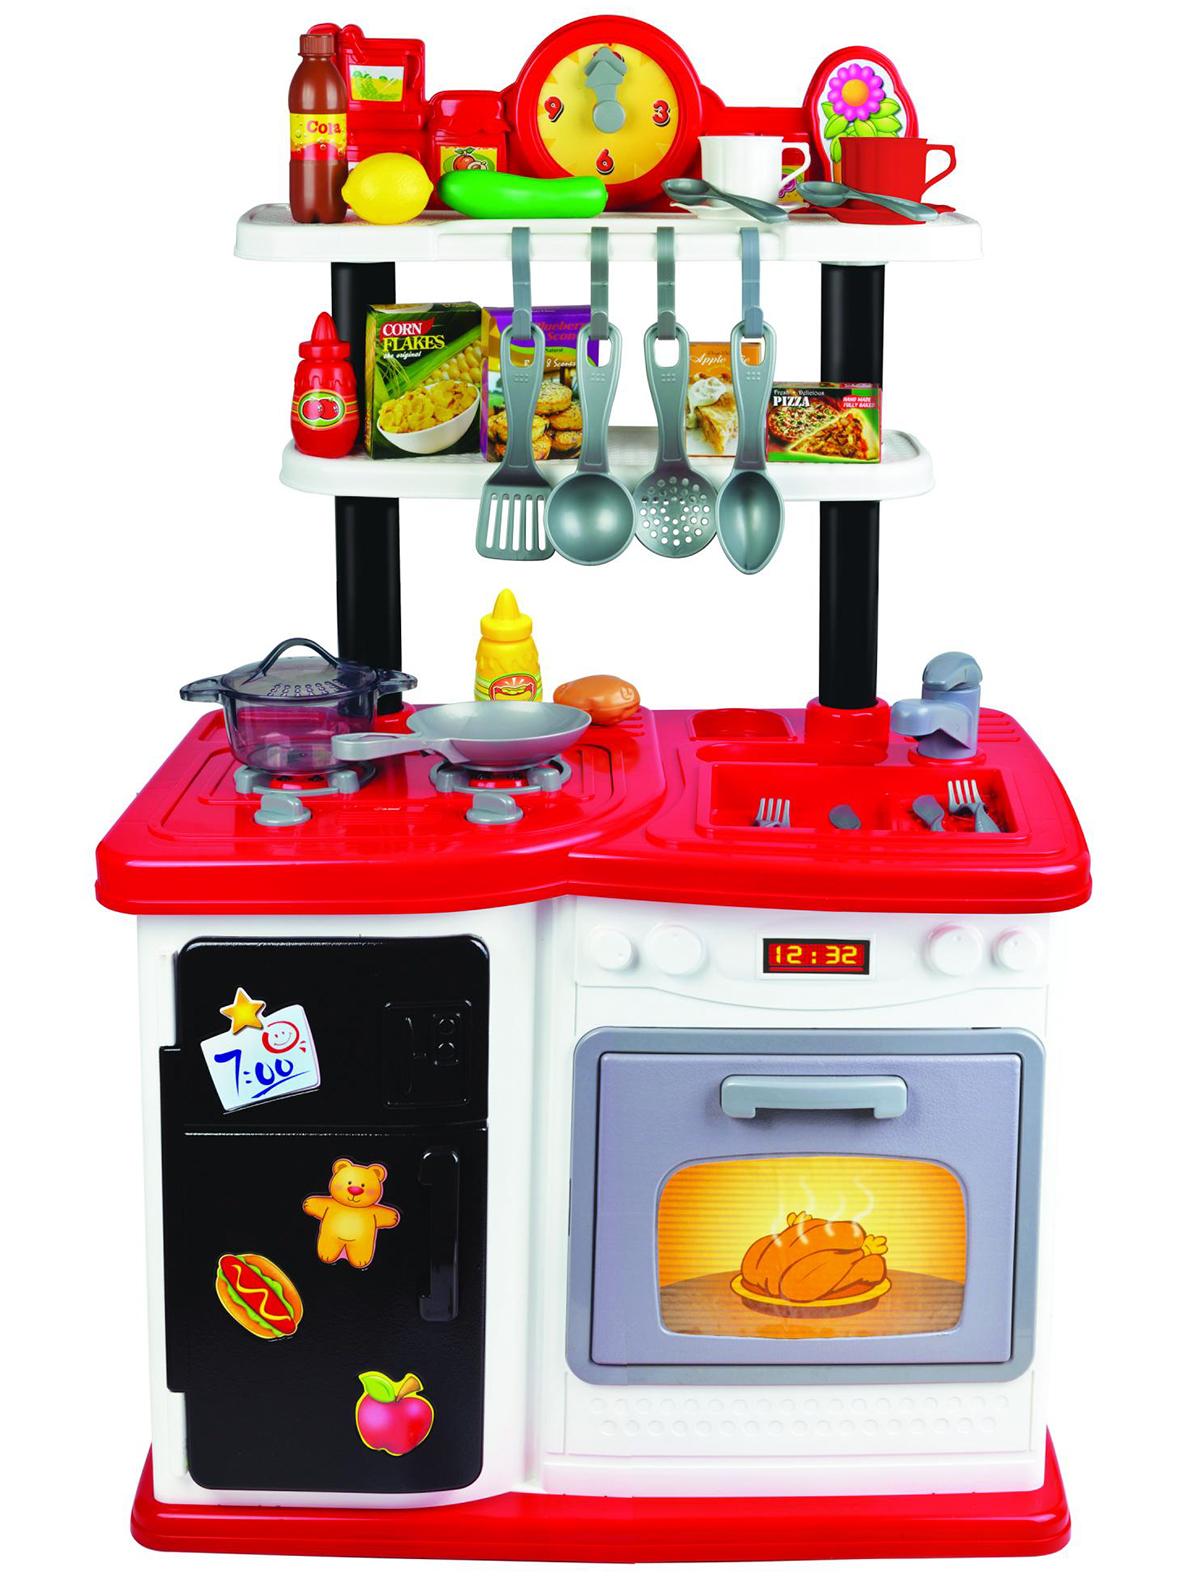 Купить 2146125, Игрушка RED BOX, разноцветный, 7132529981980